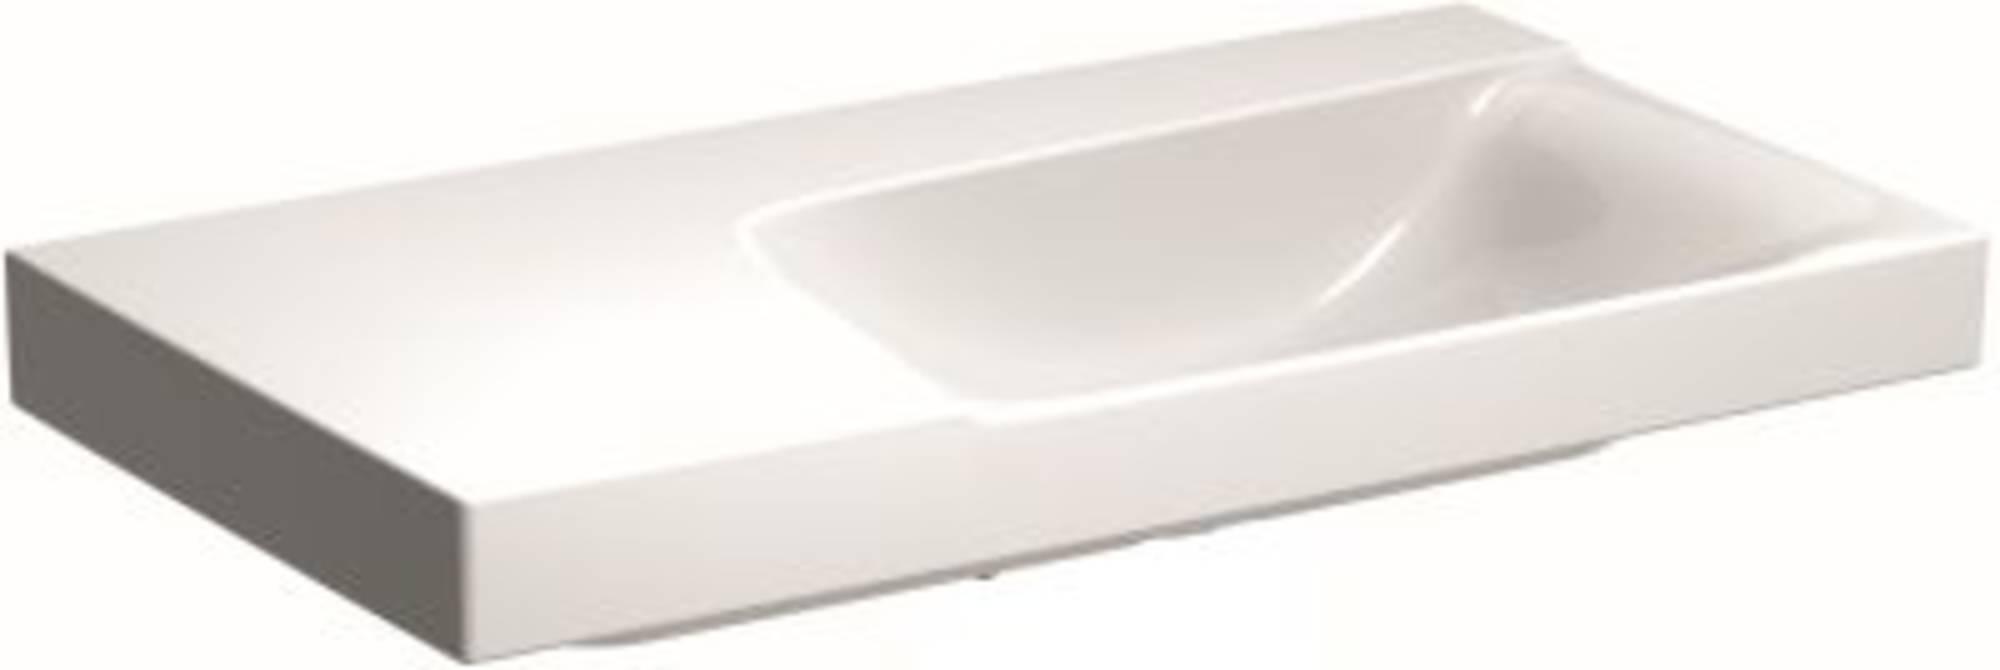 Sphinx Serie 420 new wastafel rechts 90x48 cm, afleg links zonder kraangat, wit